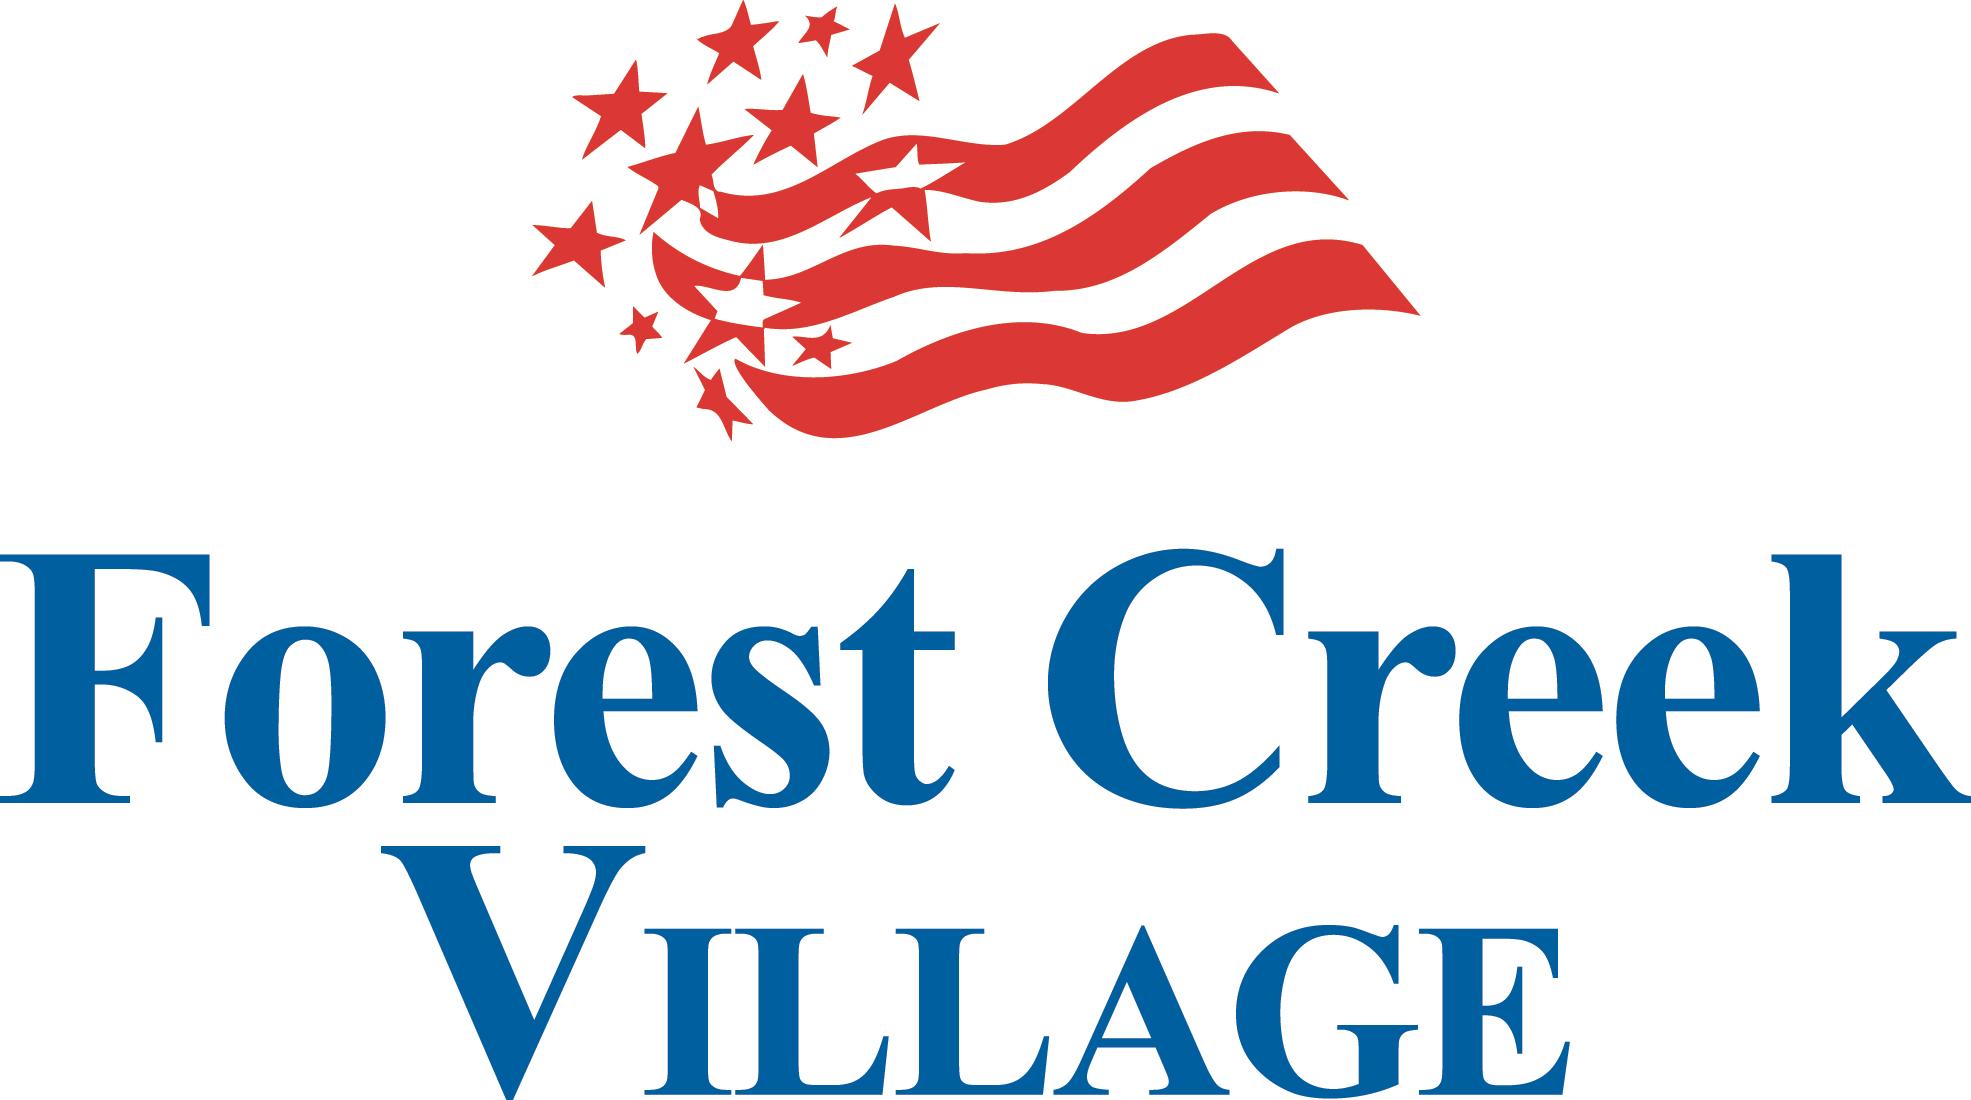 Forest Creek Village